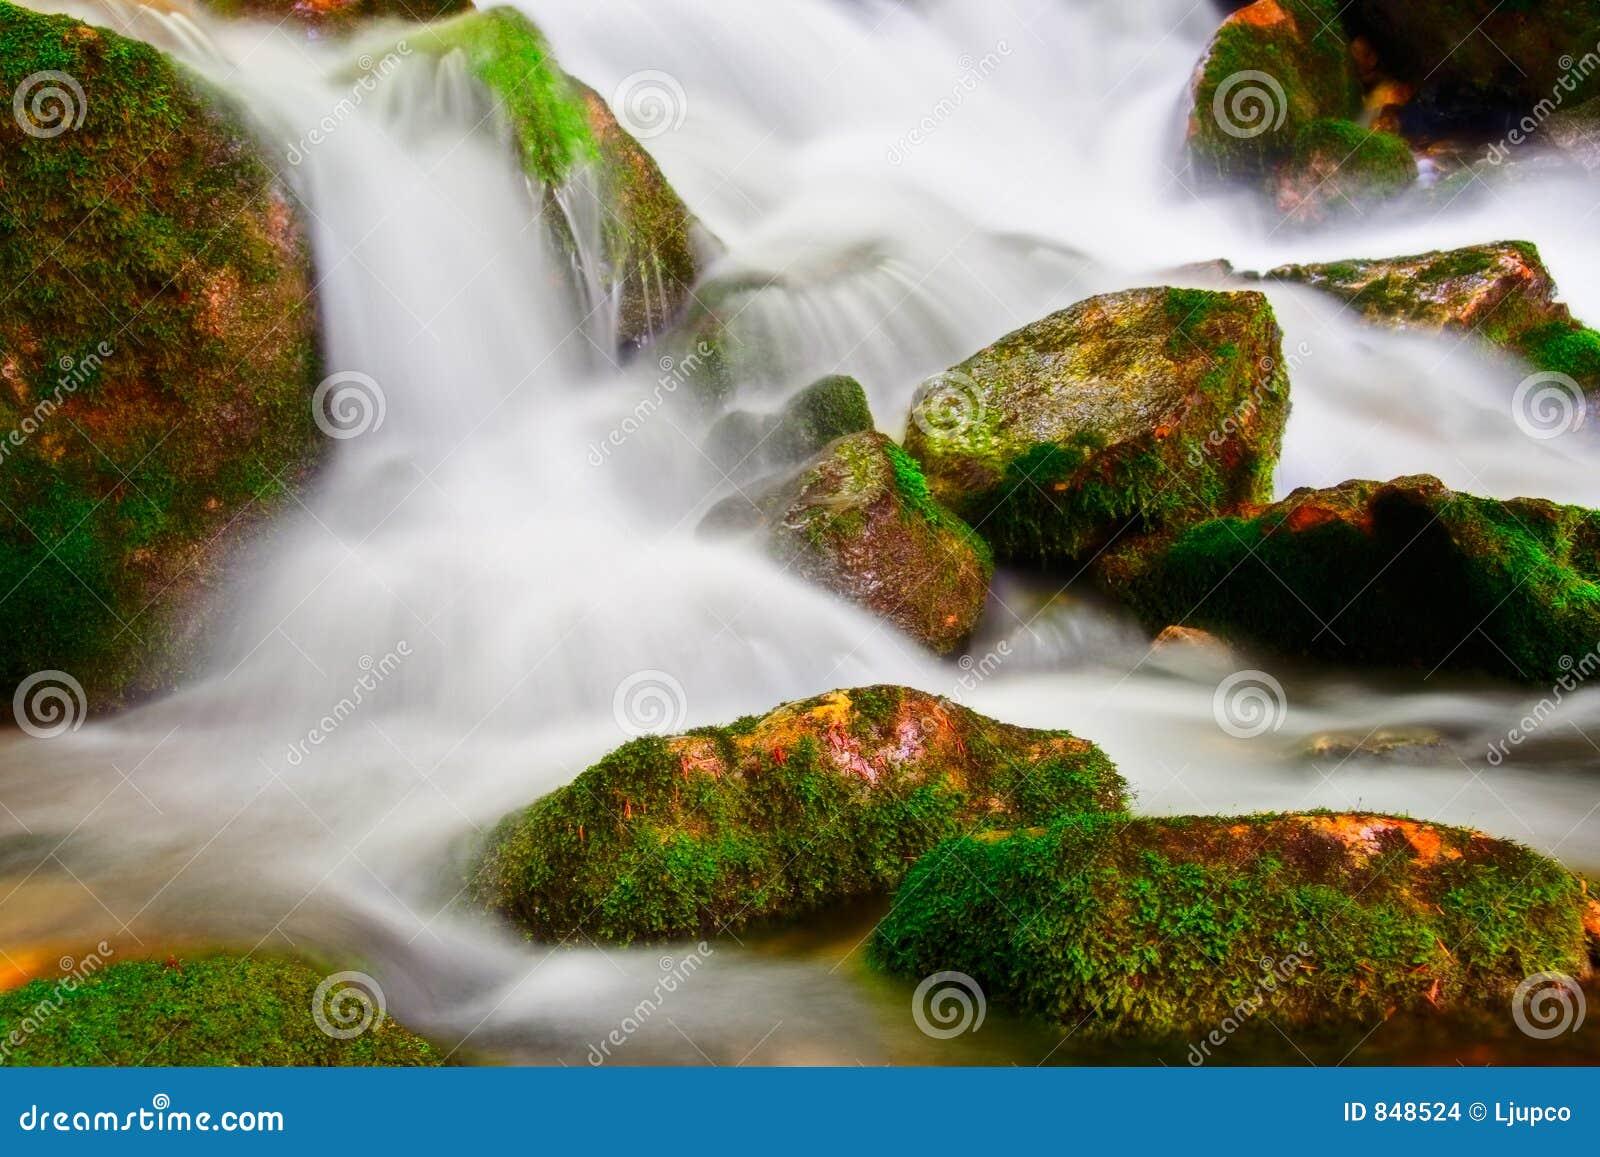 Stream in national park Mavrovo